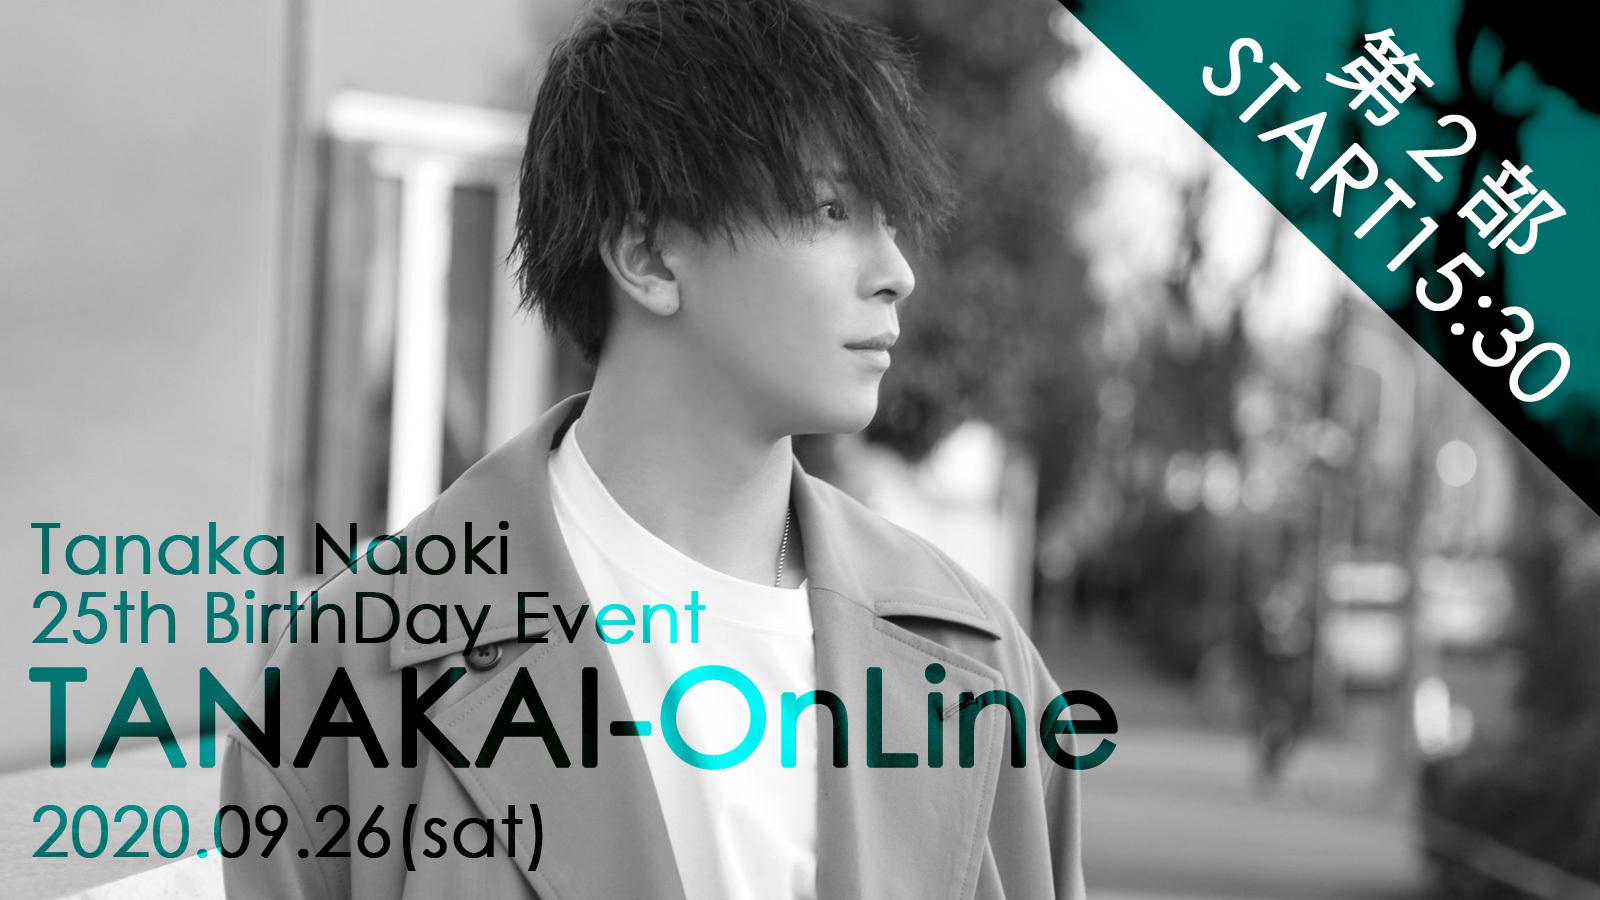 Tanakai online 02